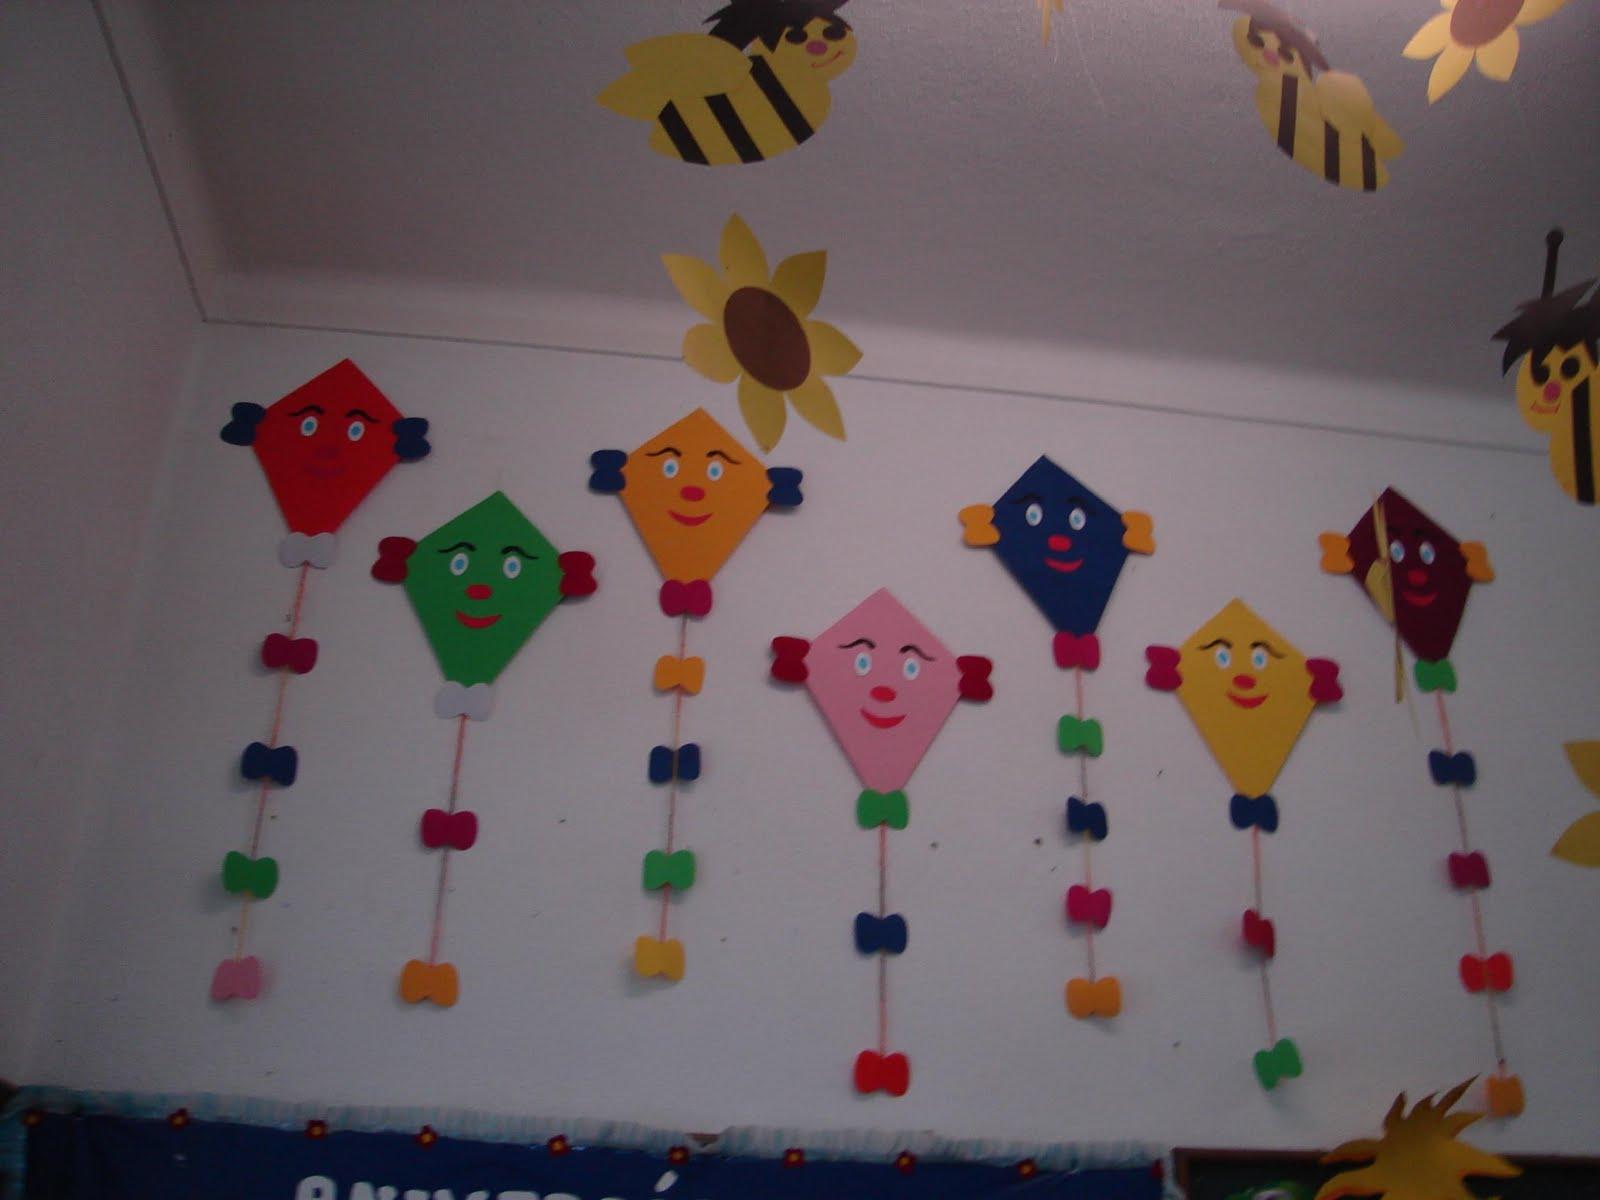 ideias para o outono jardim de infancia : ideias para o outono jardim de infancia: ideias trabalhadas no jardim de infância relativas ao tema tempo de